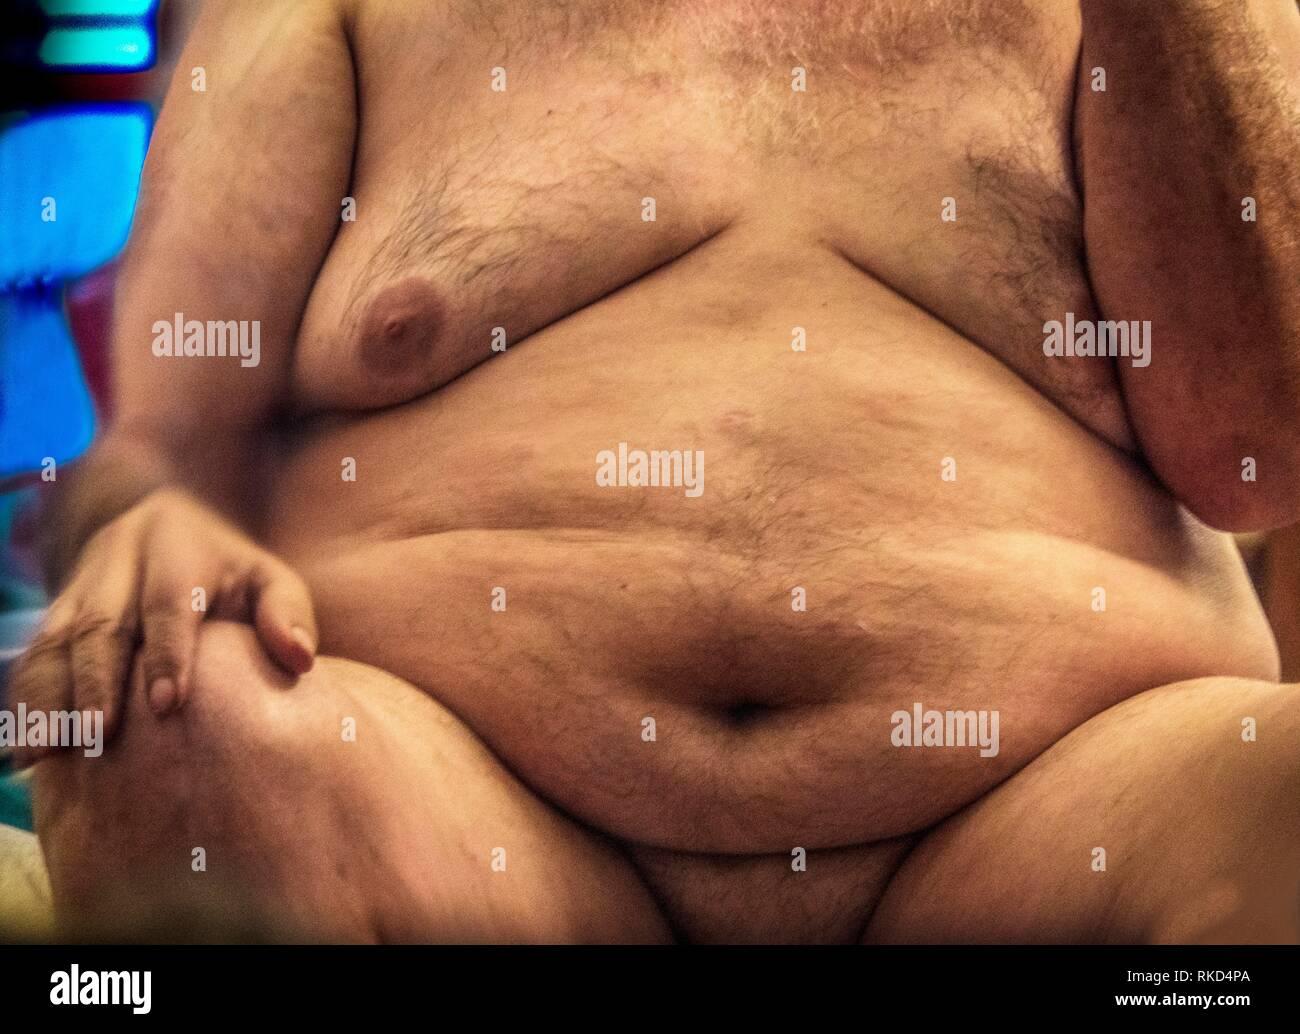 La obesidad. La obesidad es una condición médica en la que el exceso de grasa corporal se ha acumulado en la medida en que pueden tener un efecto negativo sobre la salud. Personas Imagen De Stock